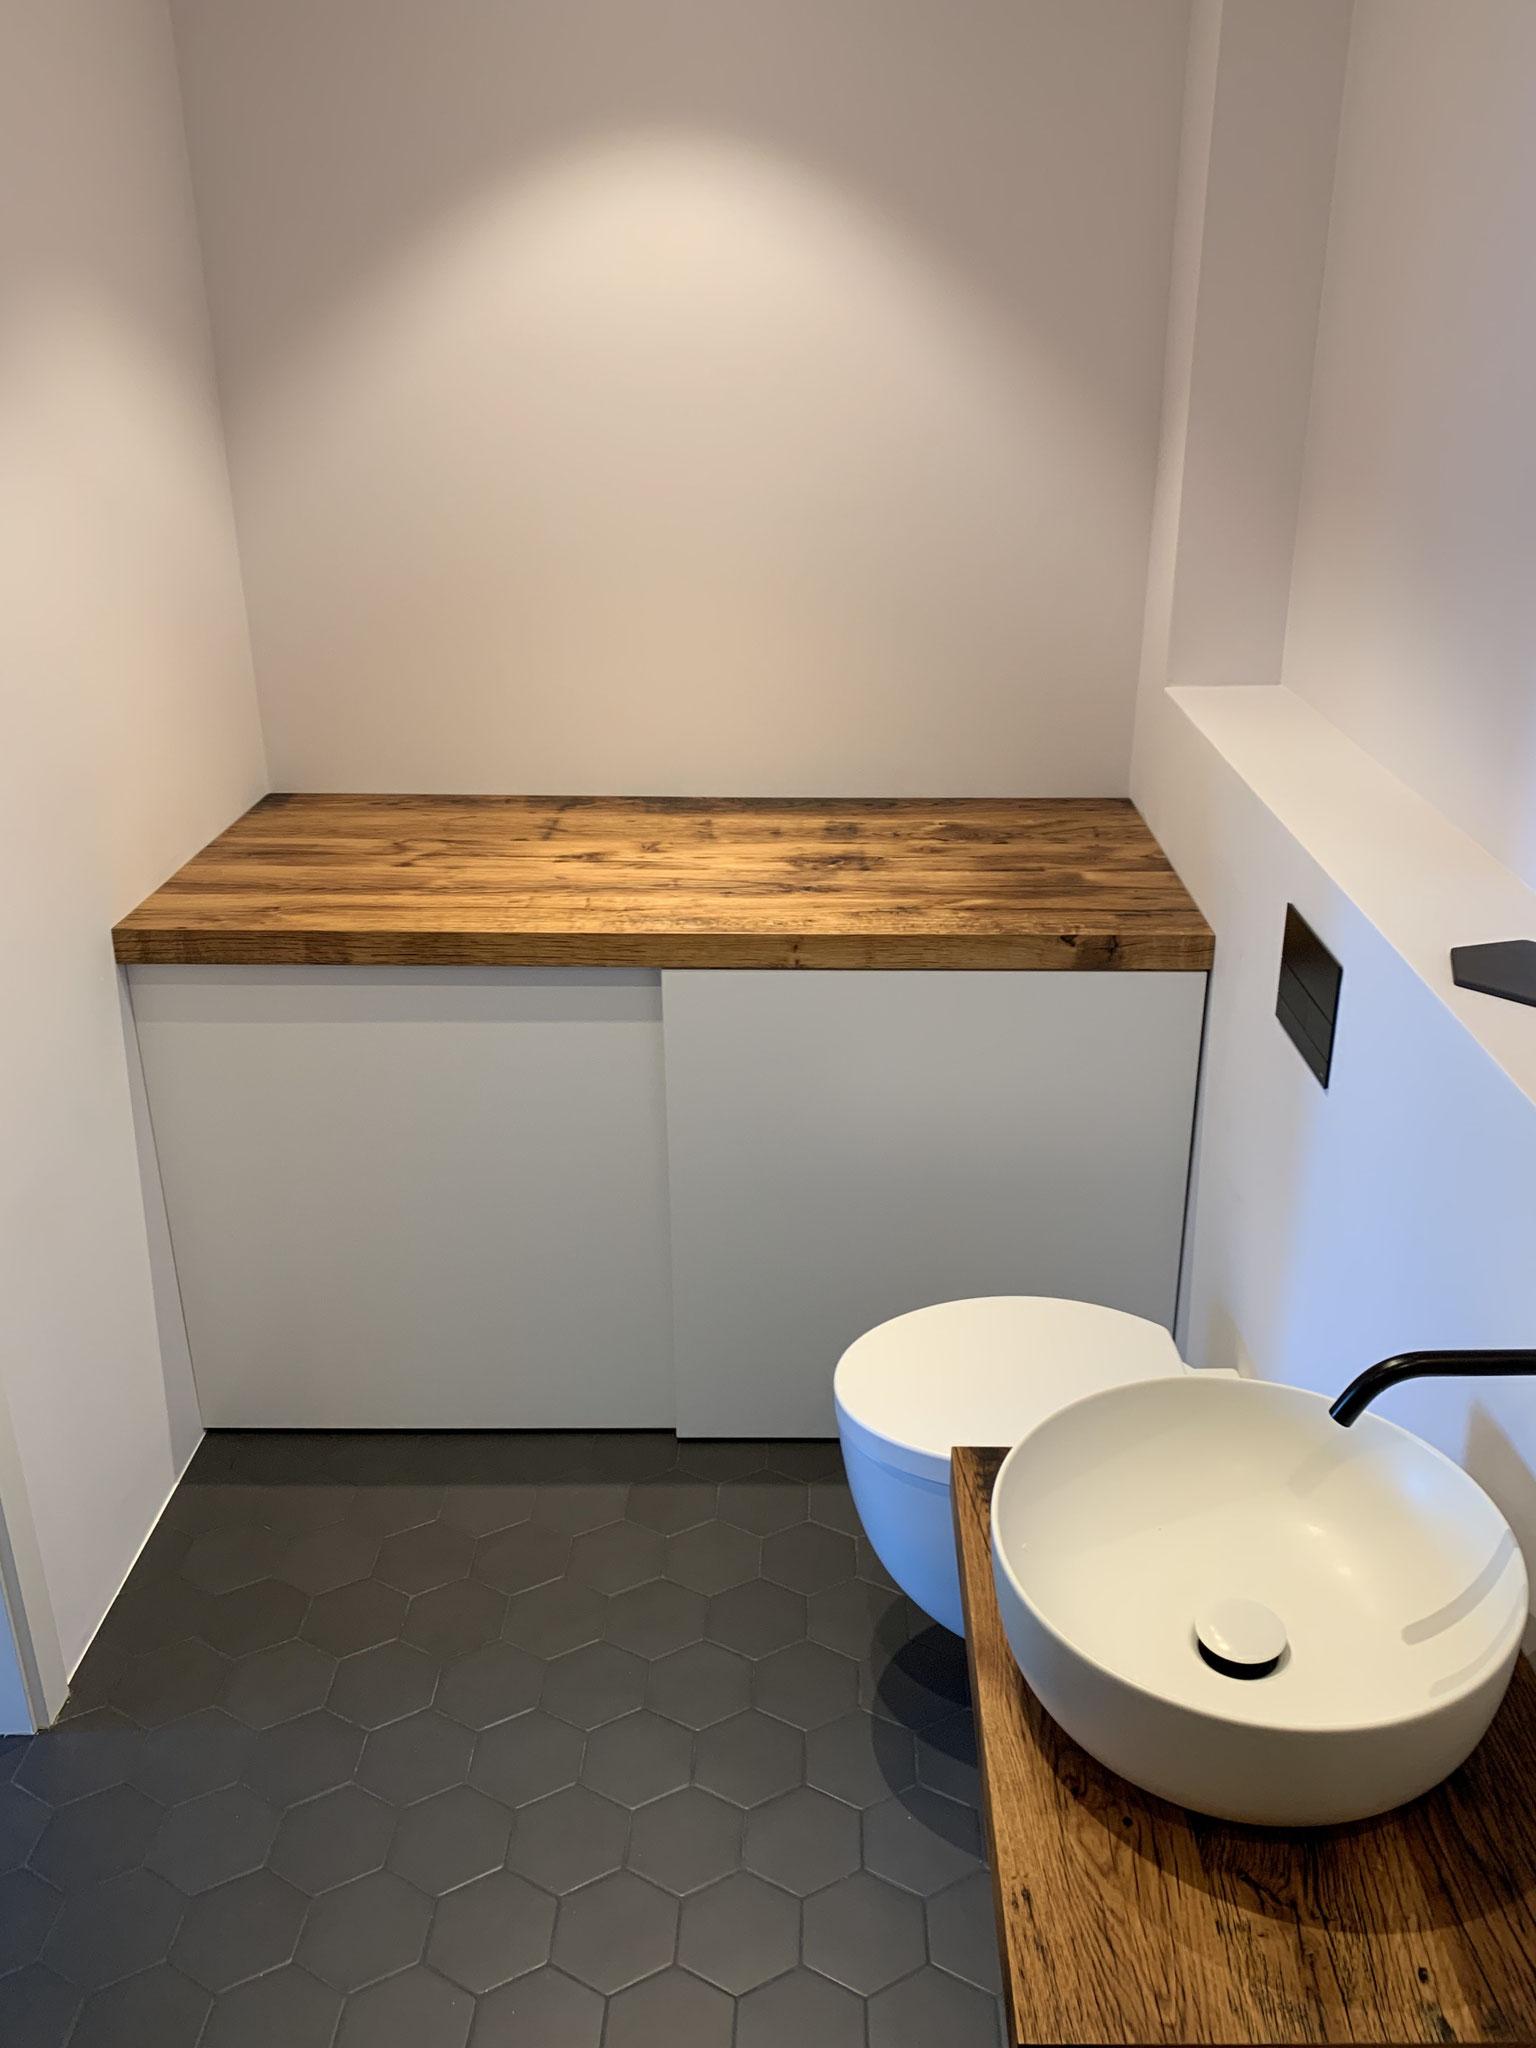 Waschmaschinenschrank - Zusammenarbeit und Fertigung durch Wooden Berlin